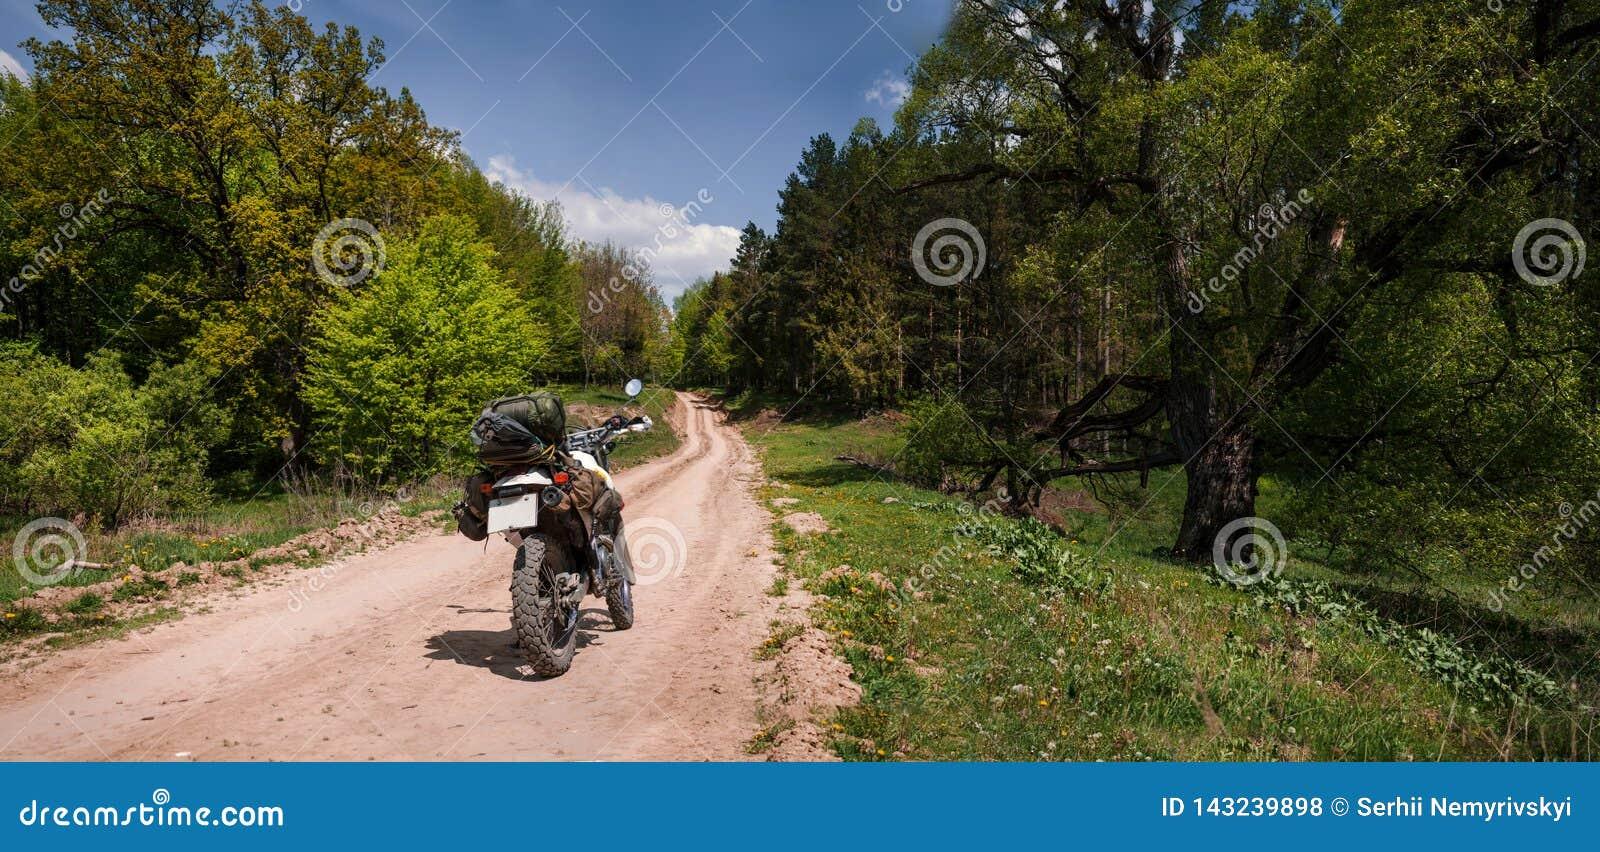 在土森林公路,enduro,活跃生活方式,旅行恋人概念的冒险摩托车